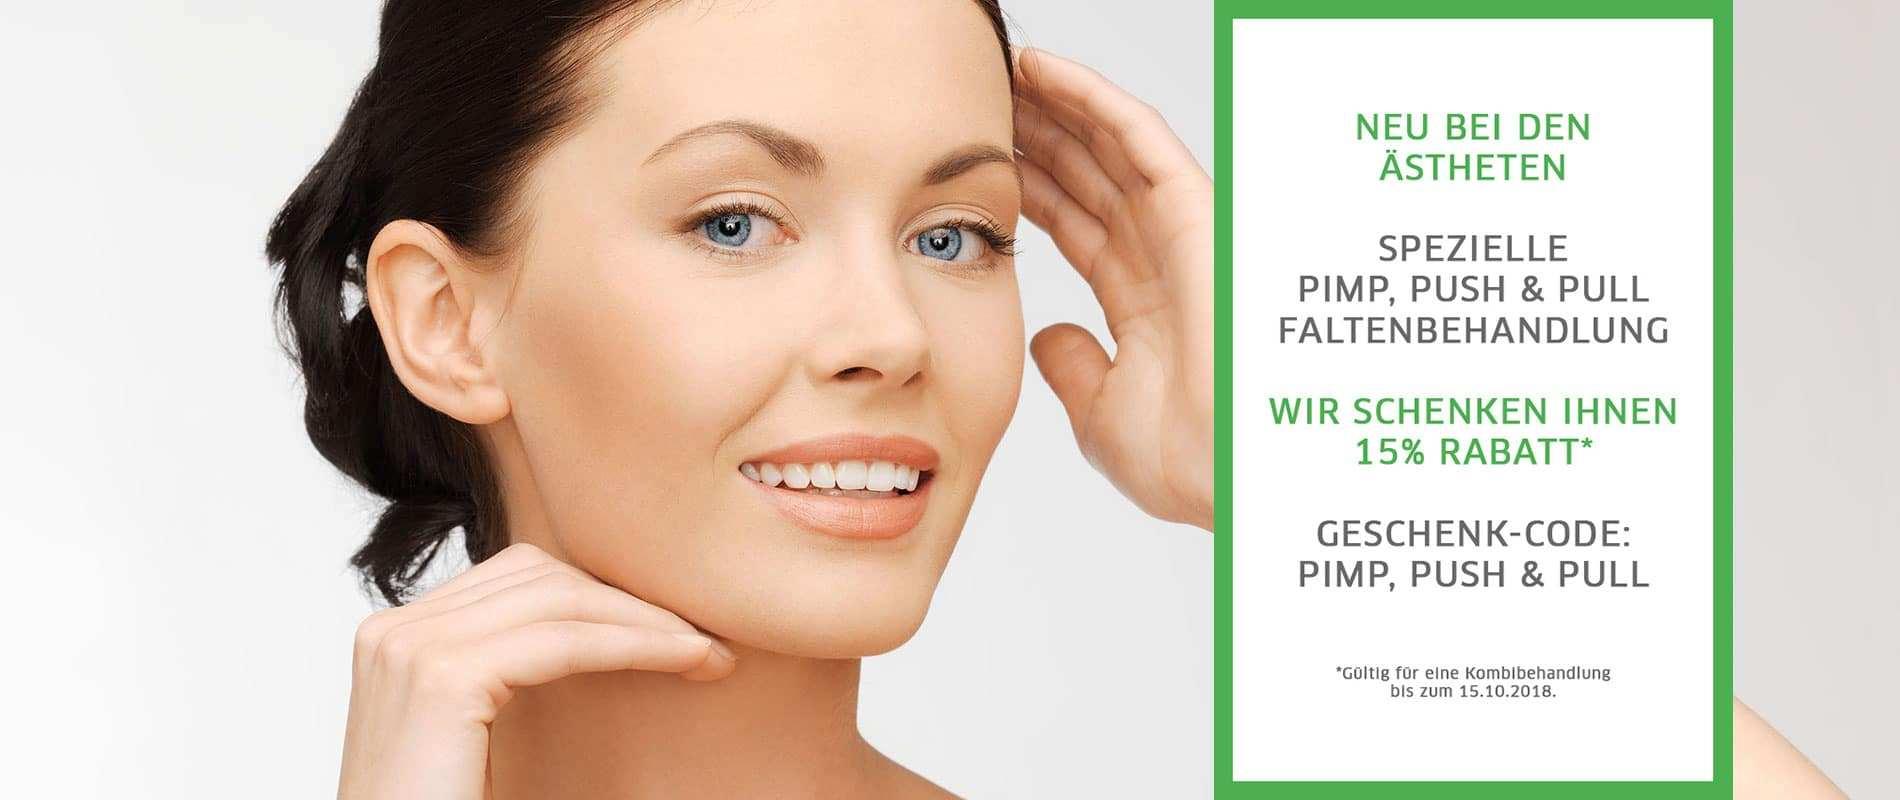 Rabattcode: Pimp, Push, Pull Faltenbehandlung München